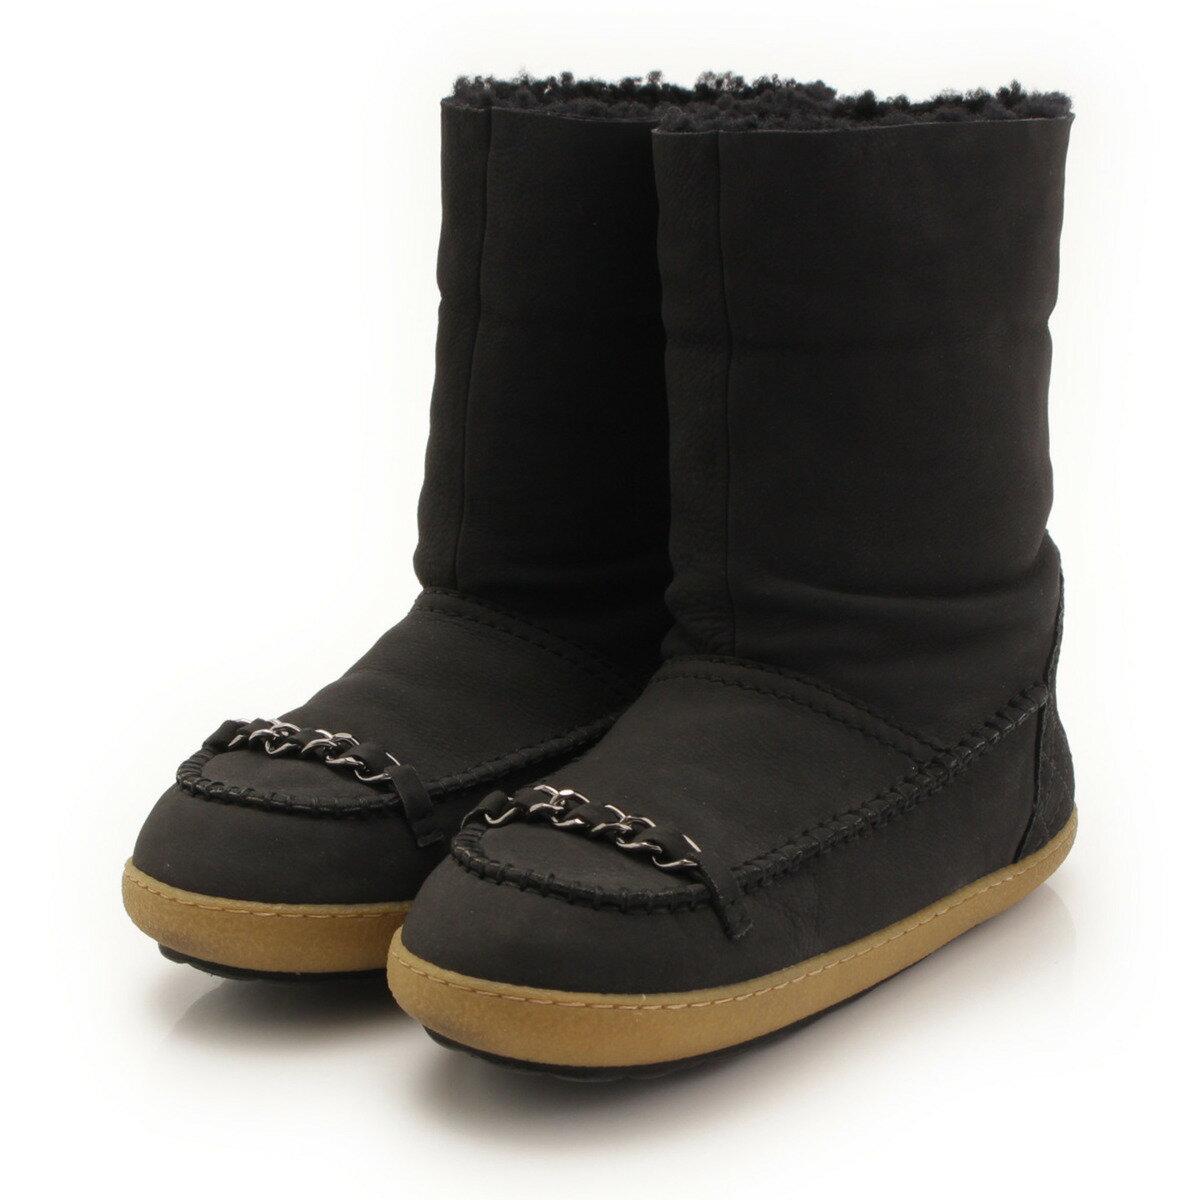 【スーパーSALE 絶賛開催中】【シャネル】Chanel ムートン レザー チェーン ブーツ ブラック 35 【中古】【鑑定済・正規品保証】【送料無料】33592